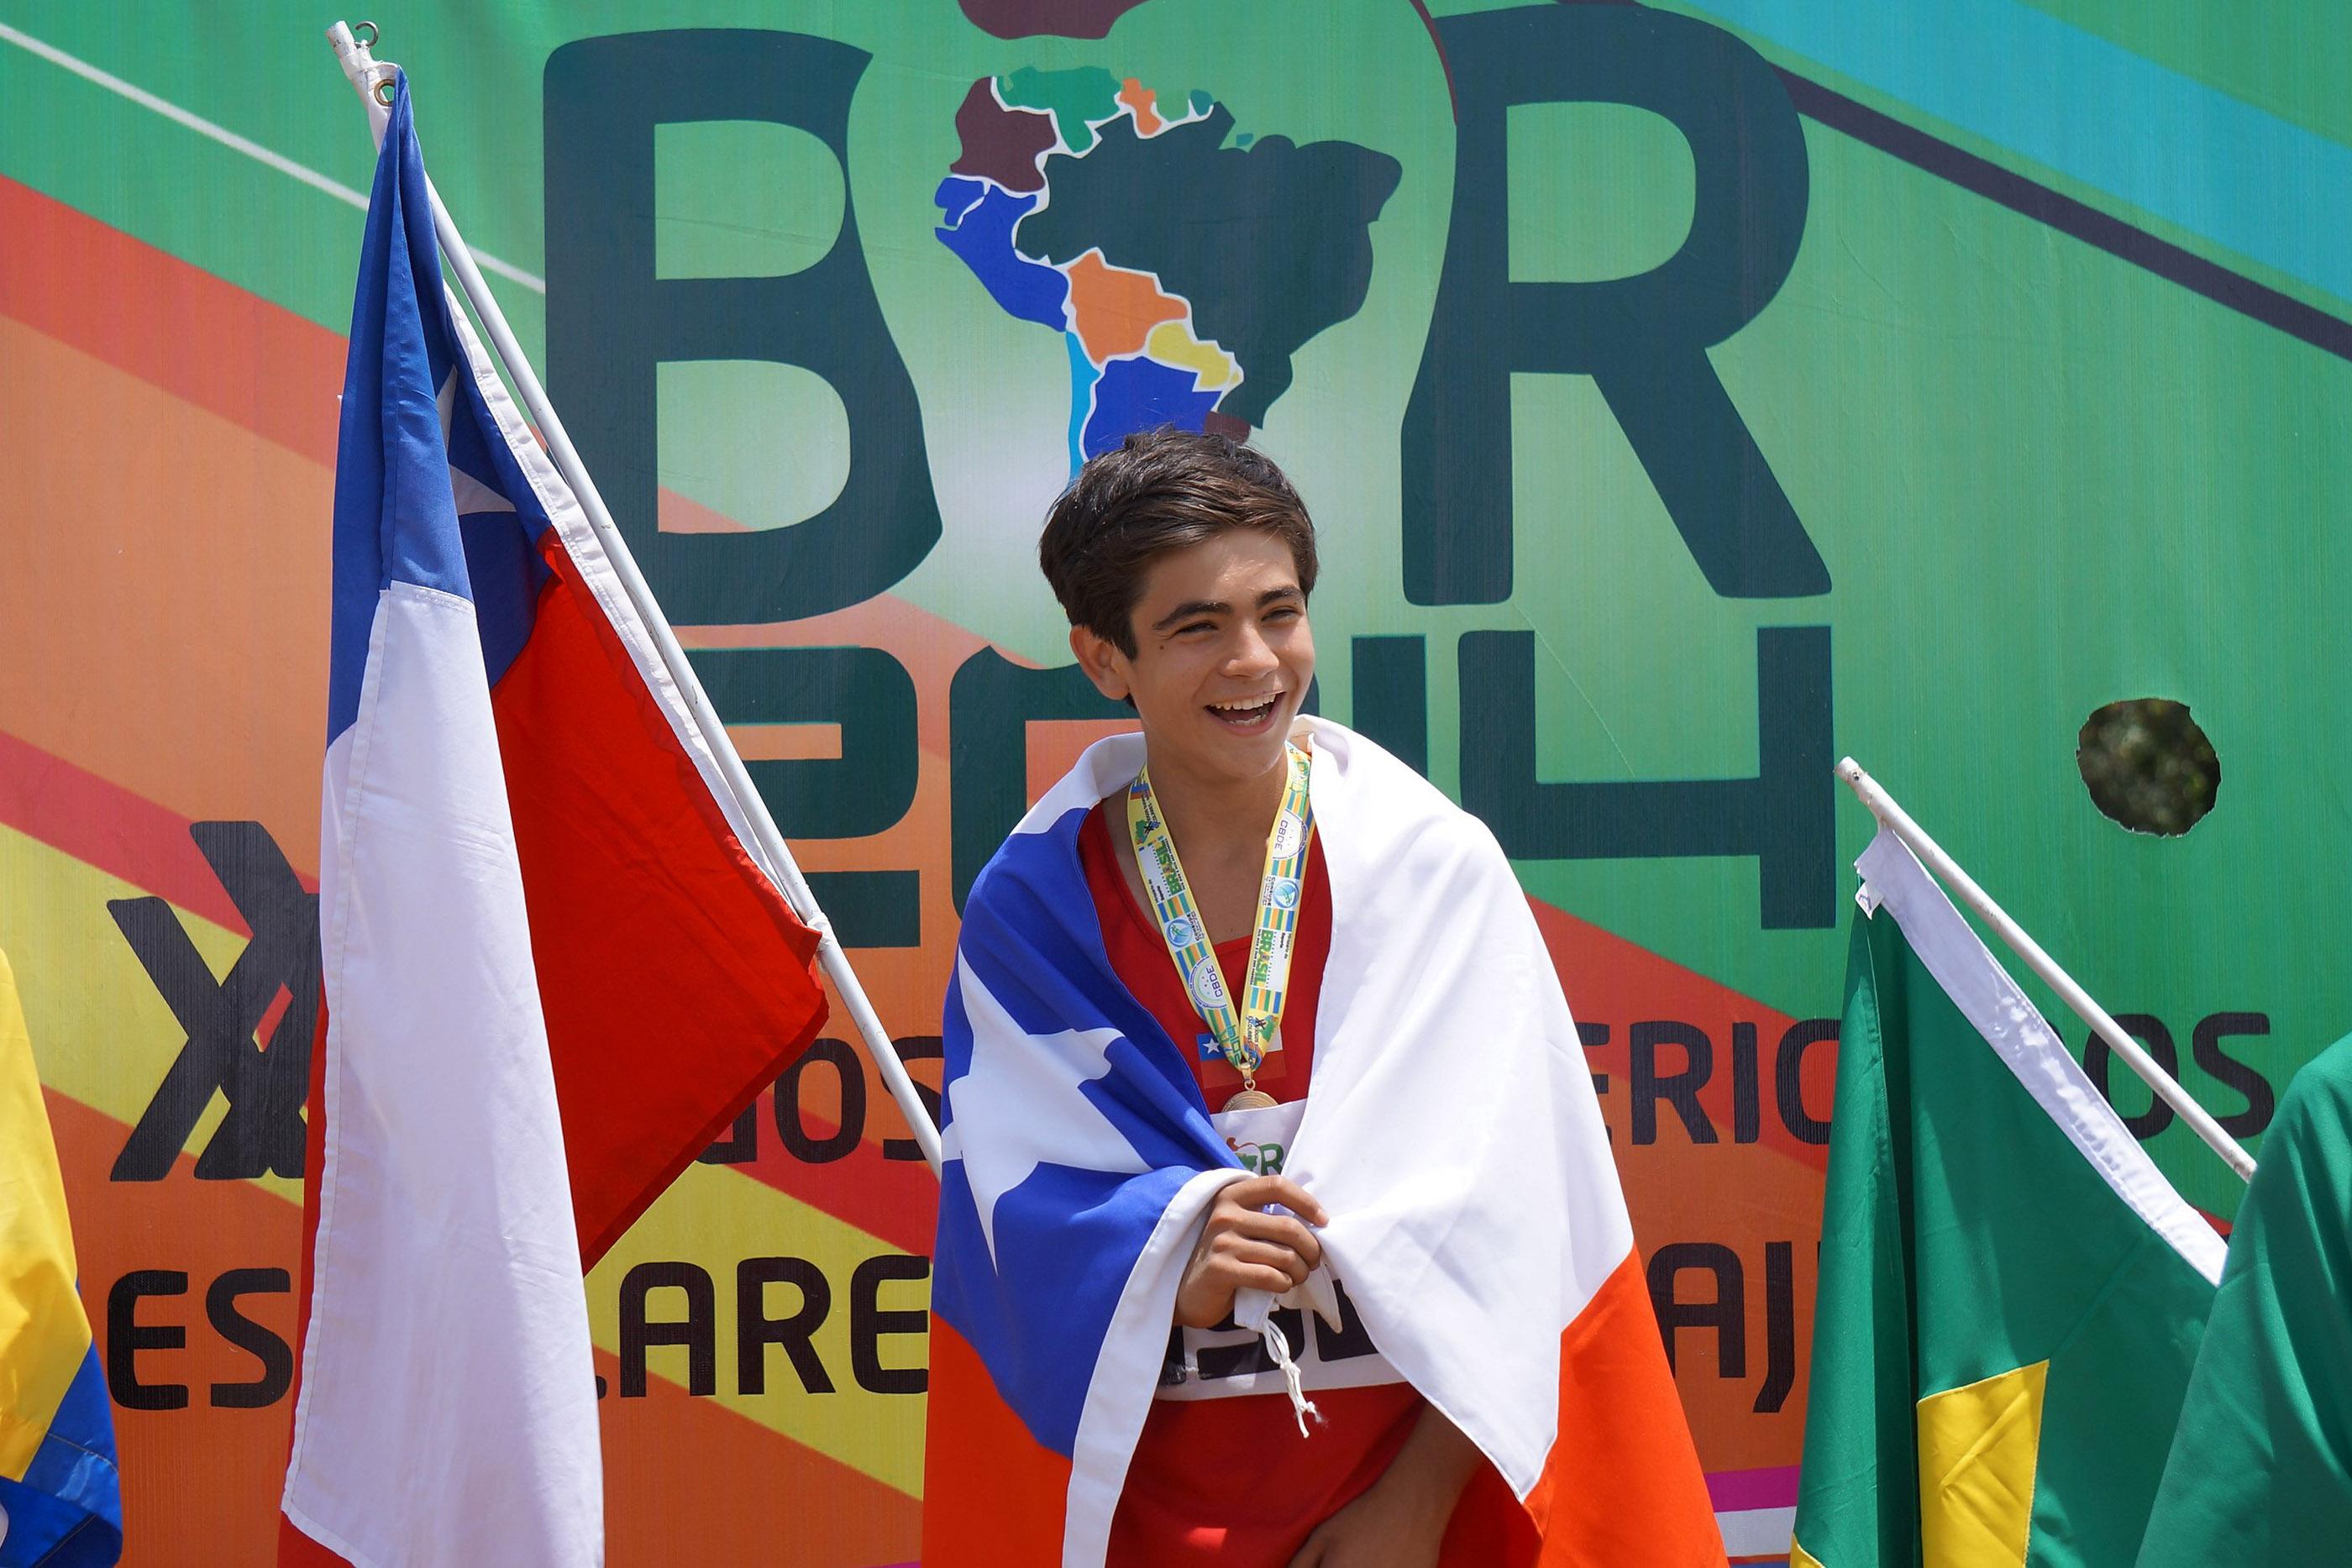 Ariqueño Logra Medalla de Oro para Chile en los Sudamericanos  Escolares en Brasil